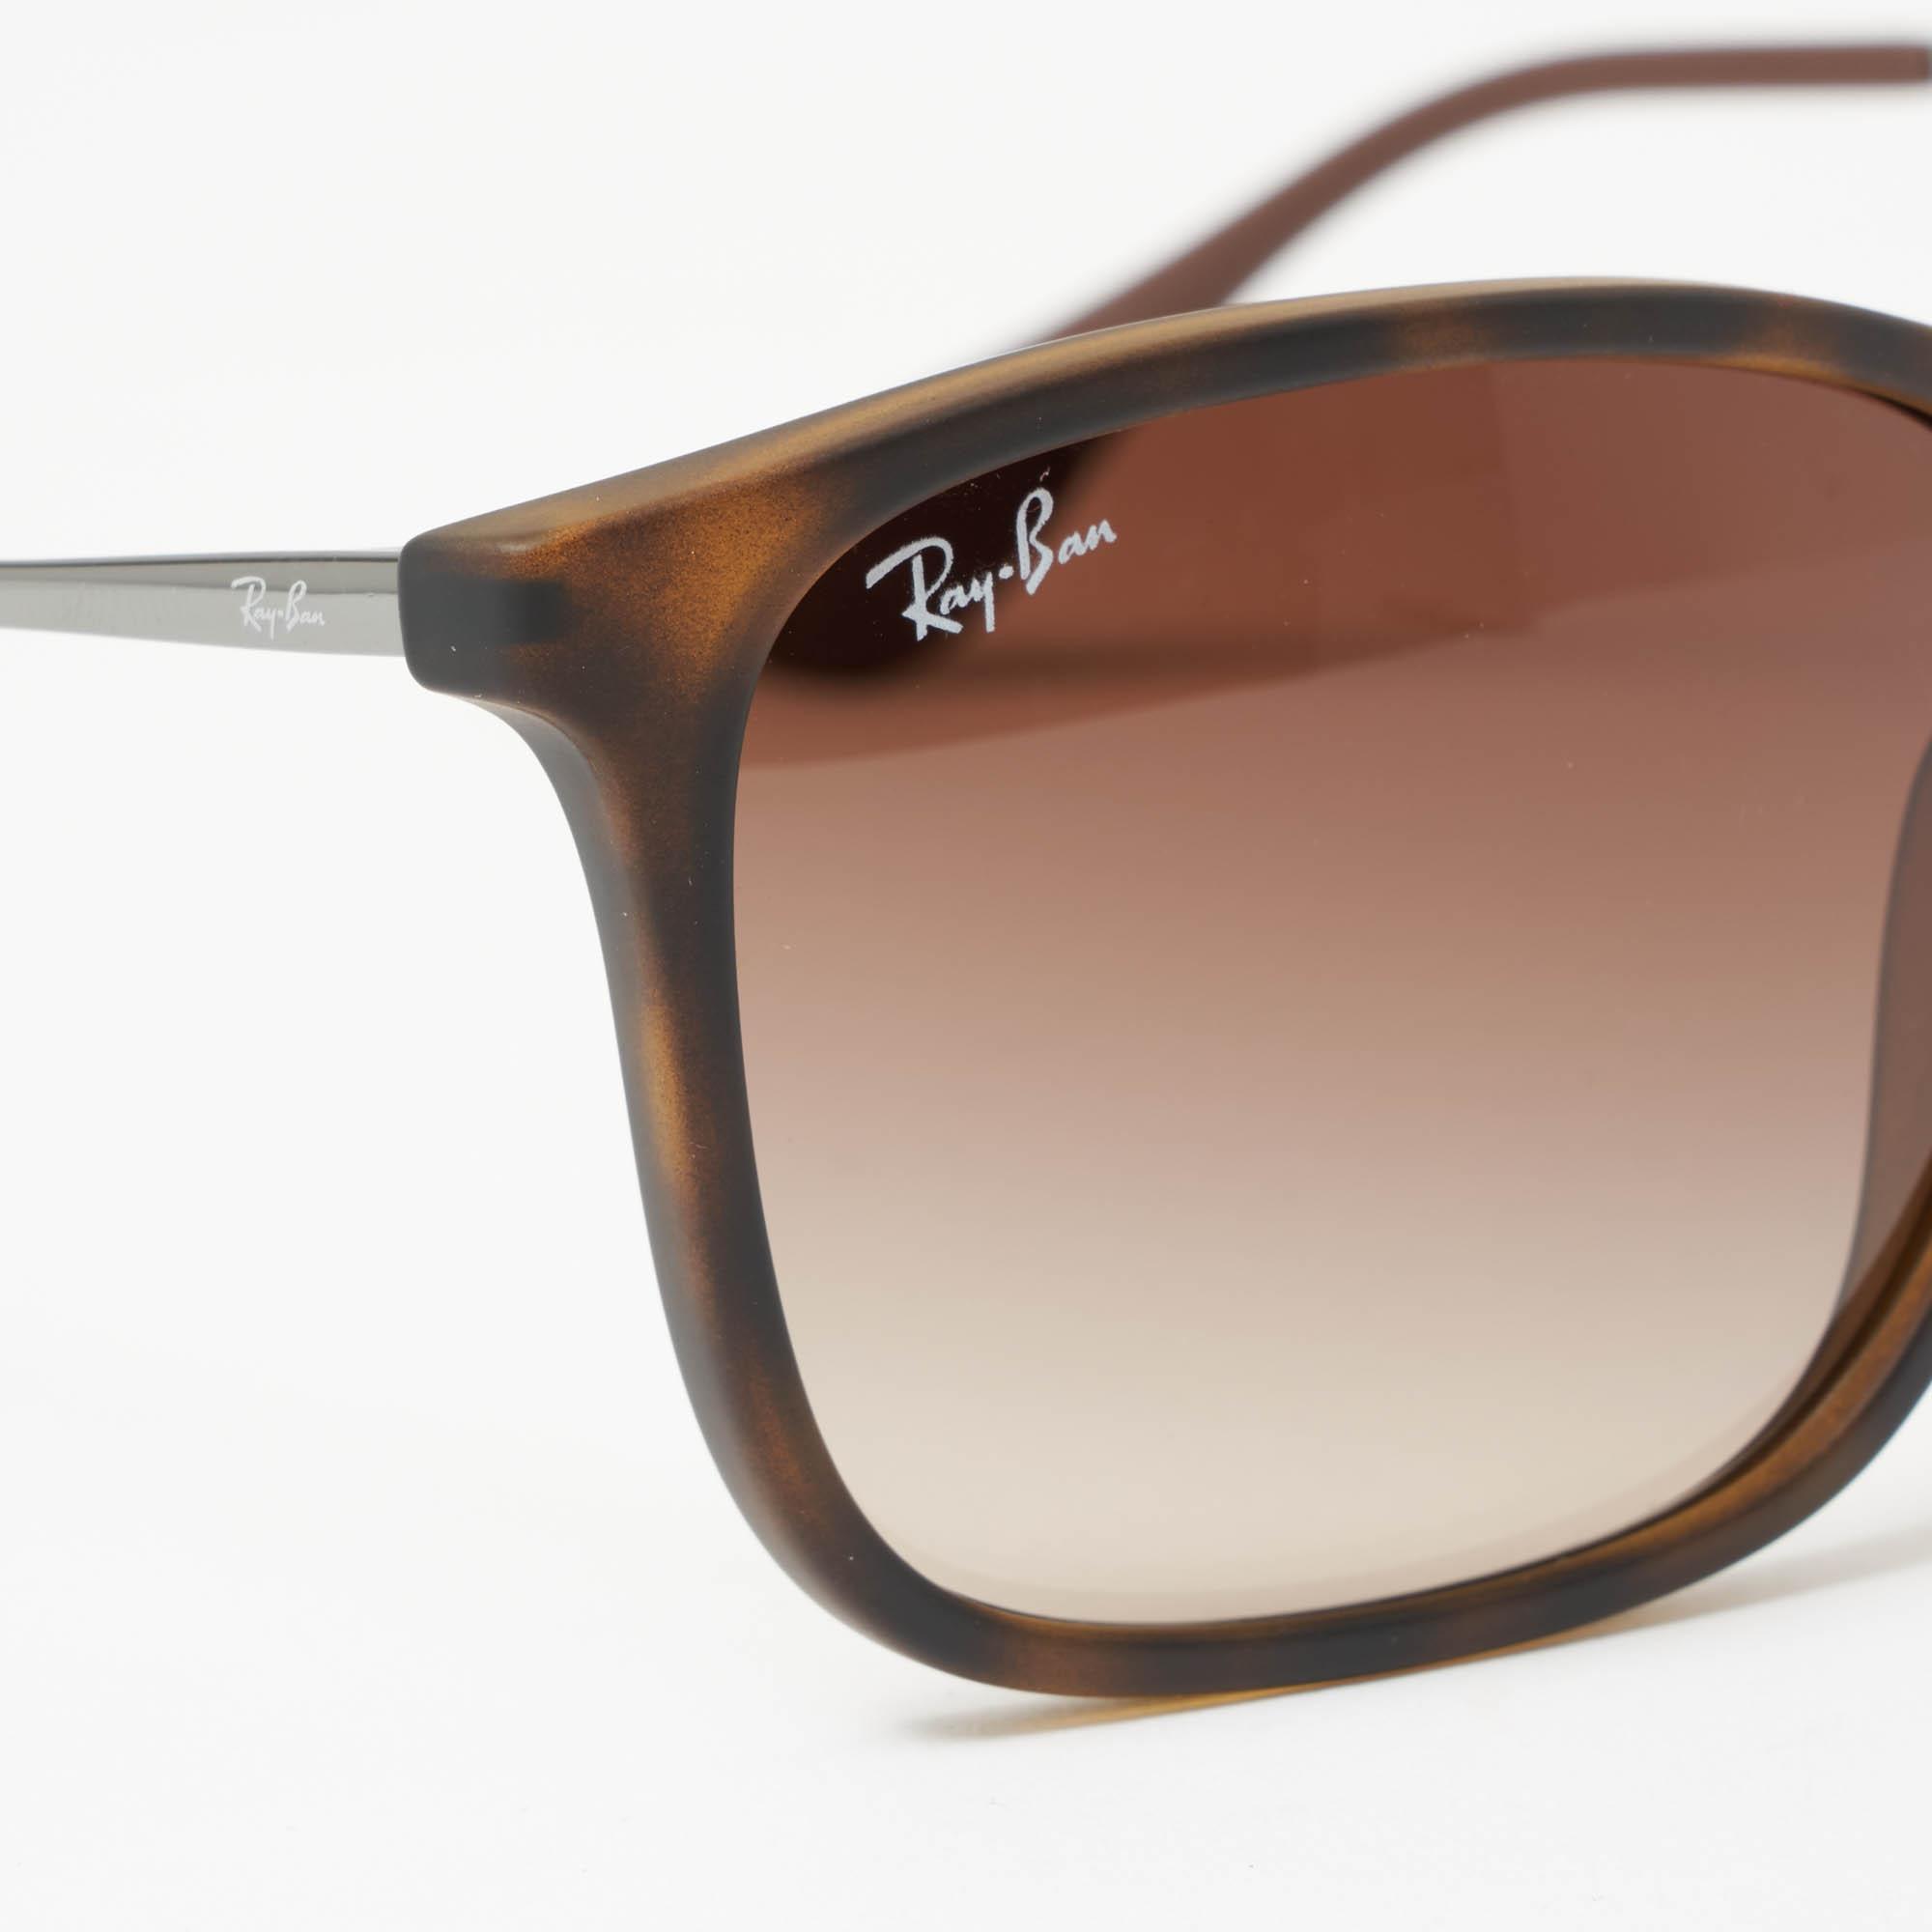 e8c67261b9 Ray-Ban - Multicolor Tortoise Chris Sunglasses - Brown Gradient Lenses for  Men - Lyst. View fullscreen